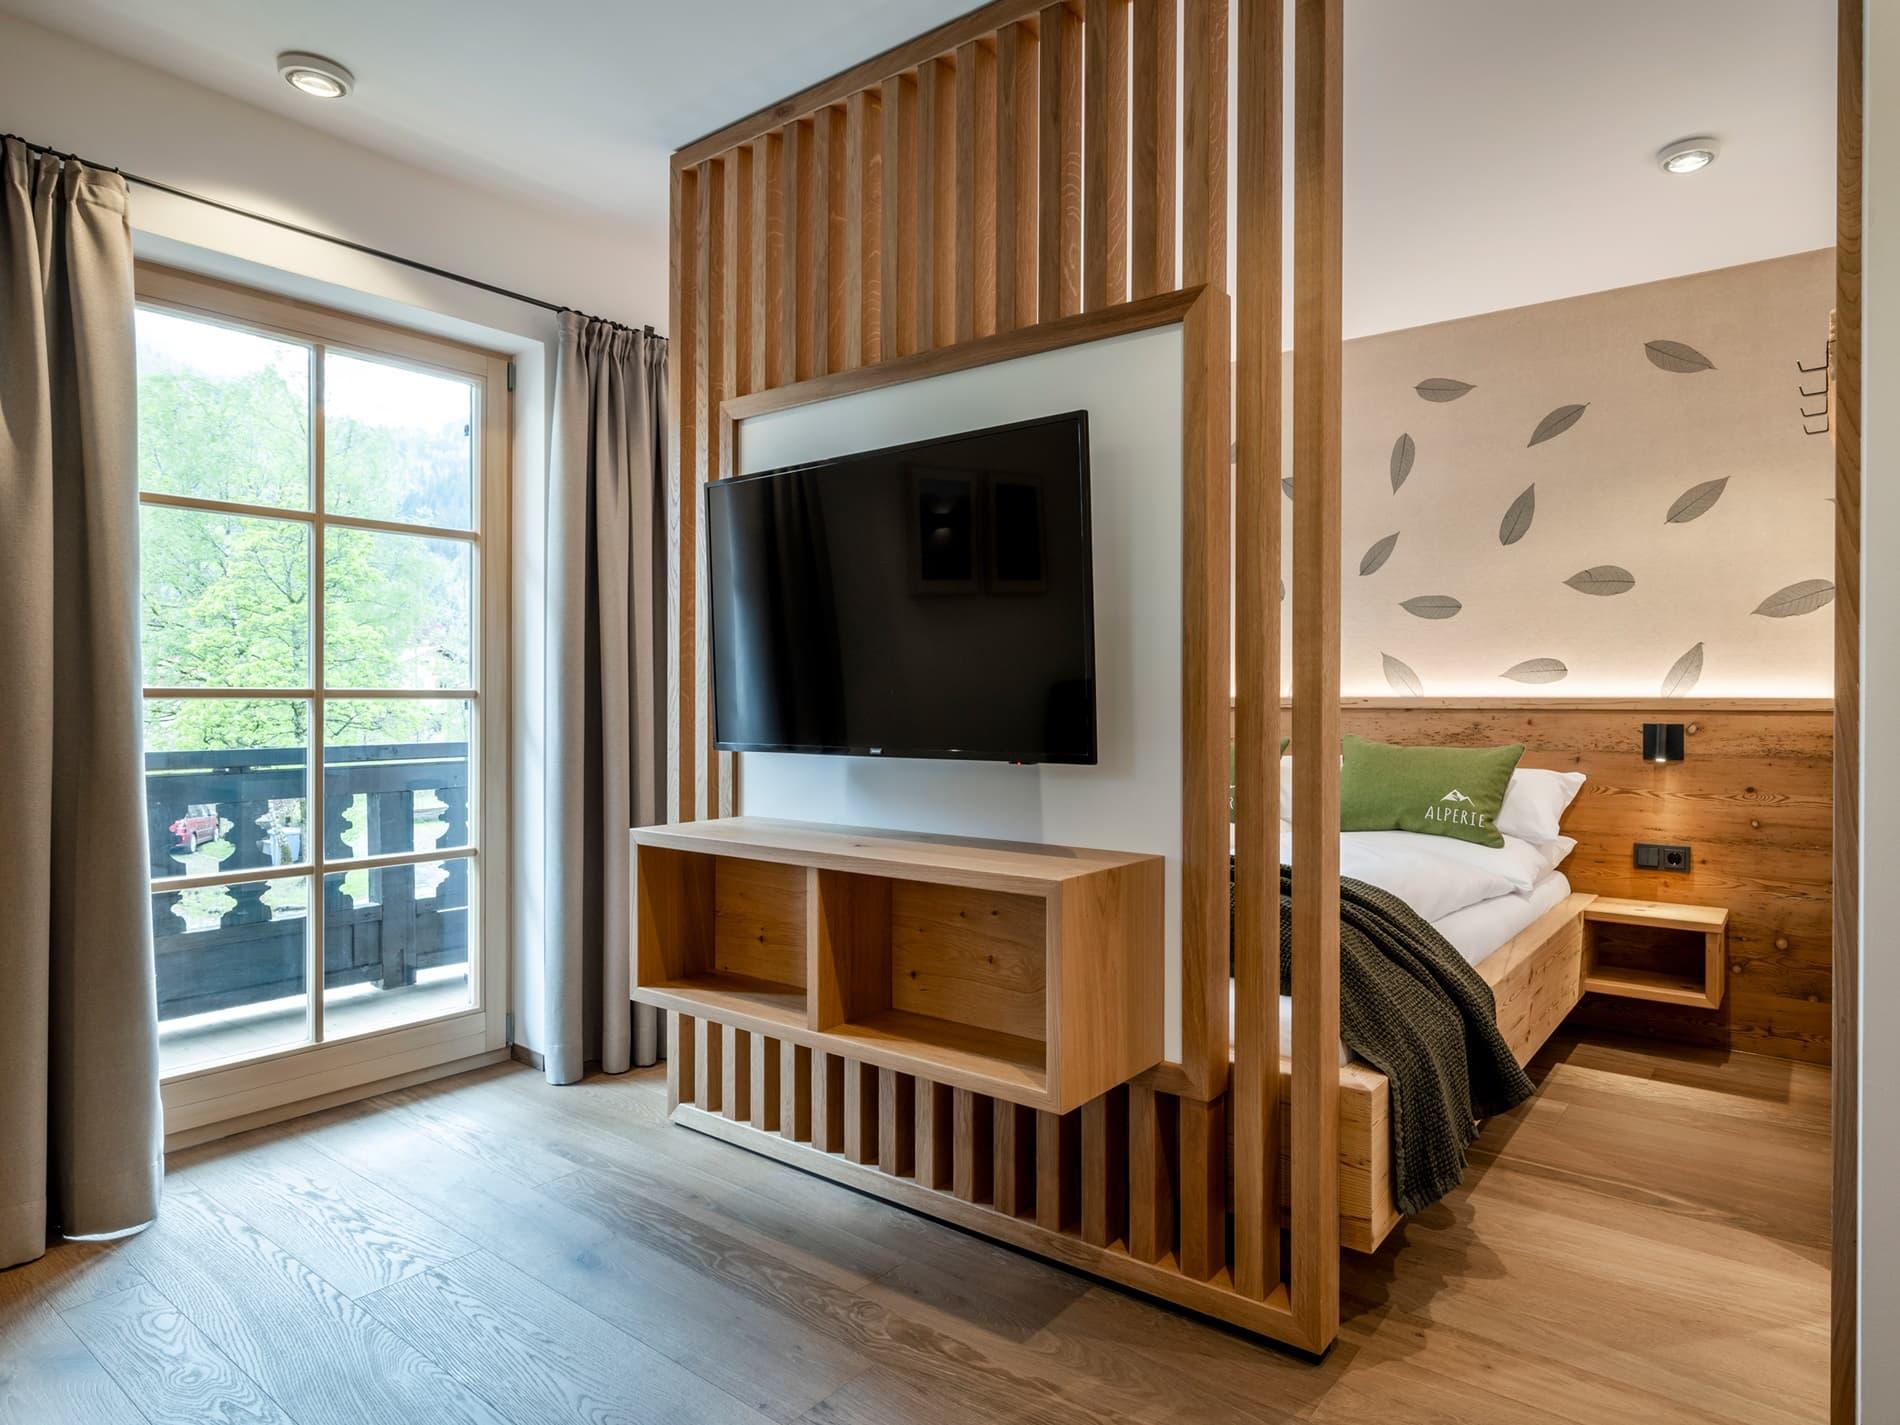 Schlafzimmer Ferienwohnung Freiheit Ferienhaus Alperie